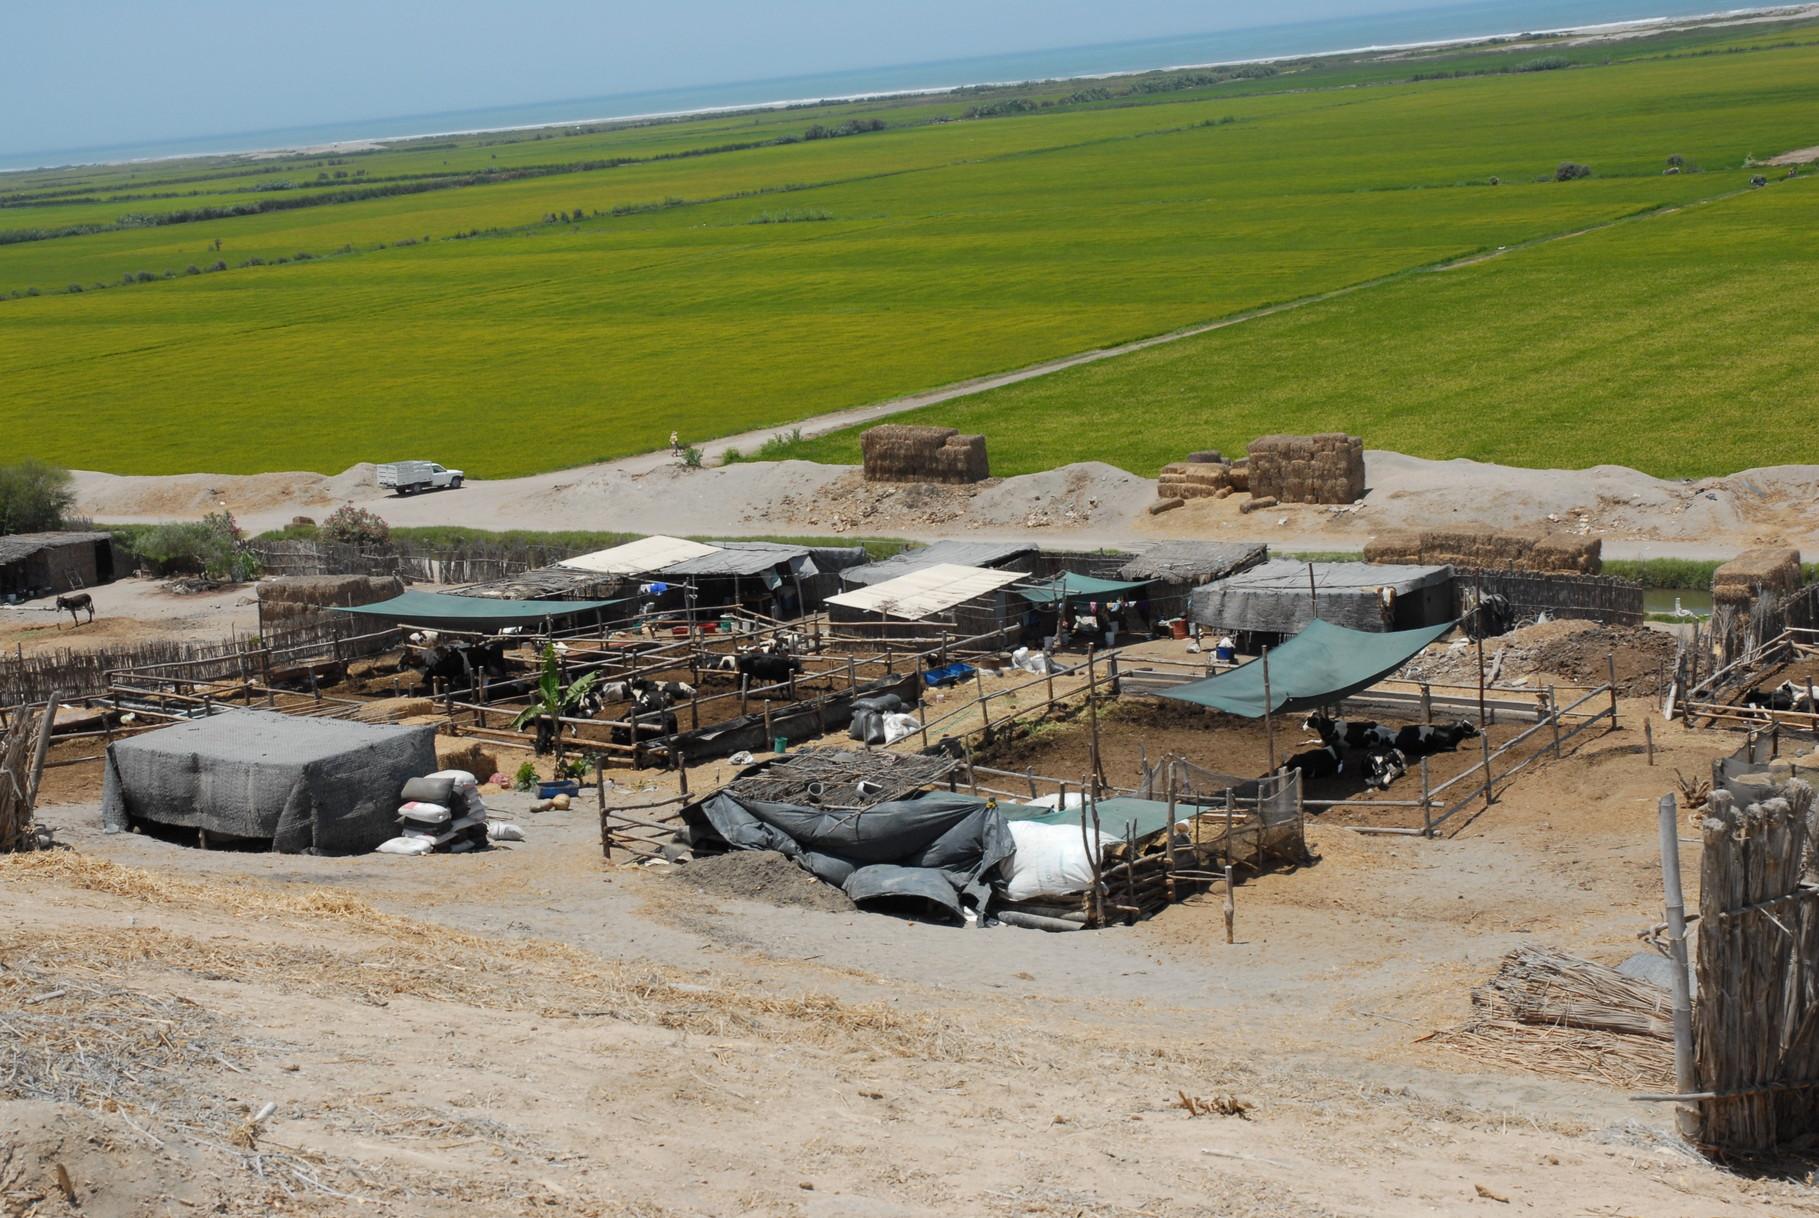 ... mit peruanischem Bauernhof